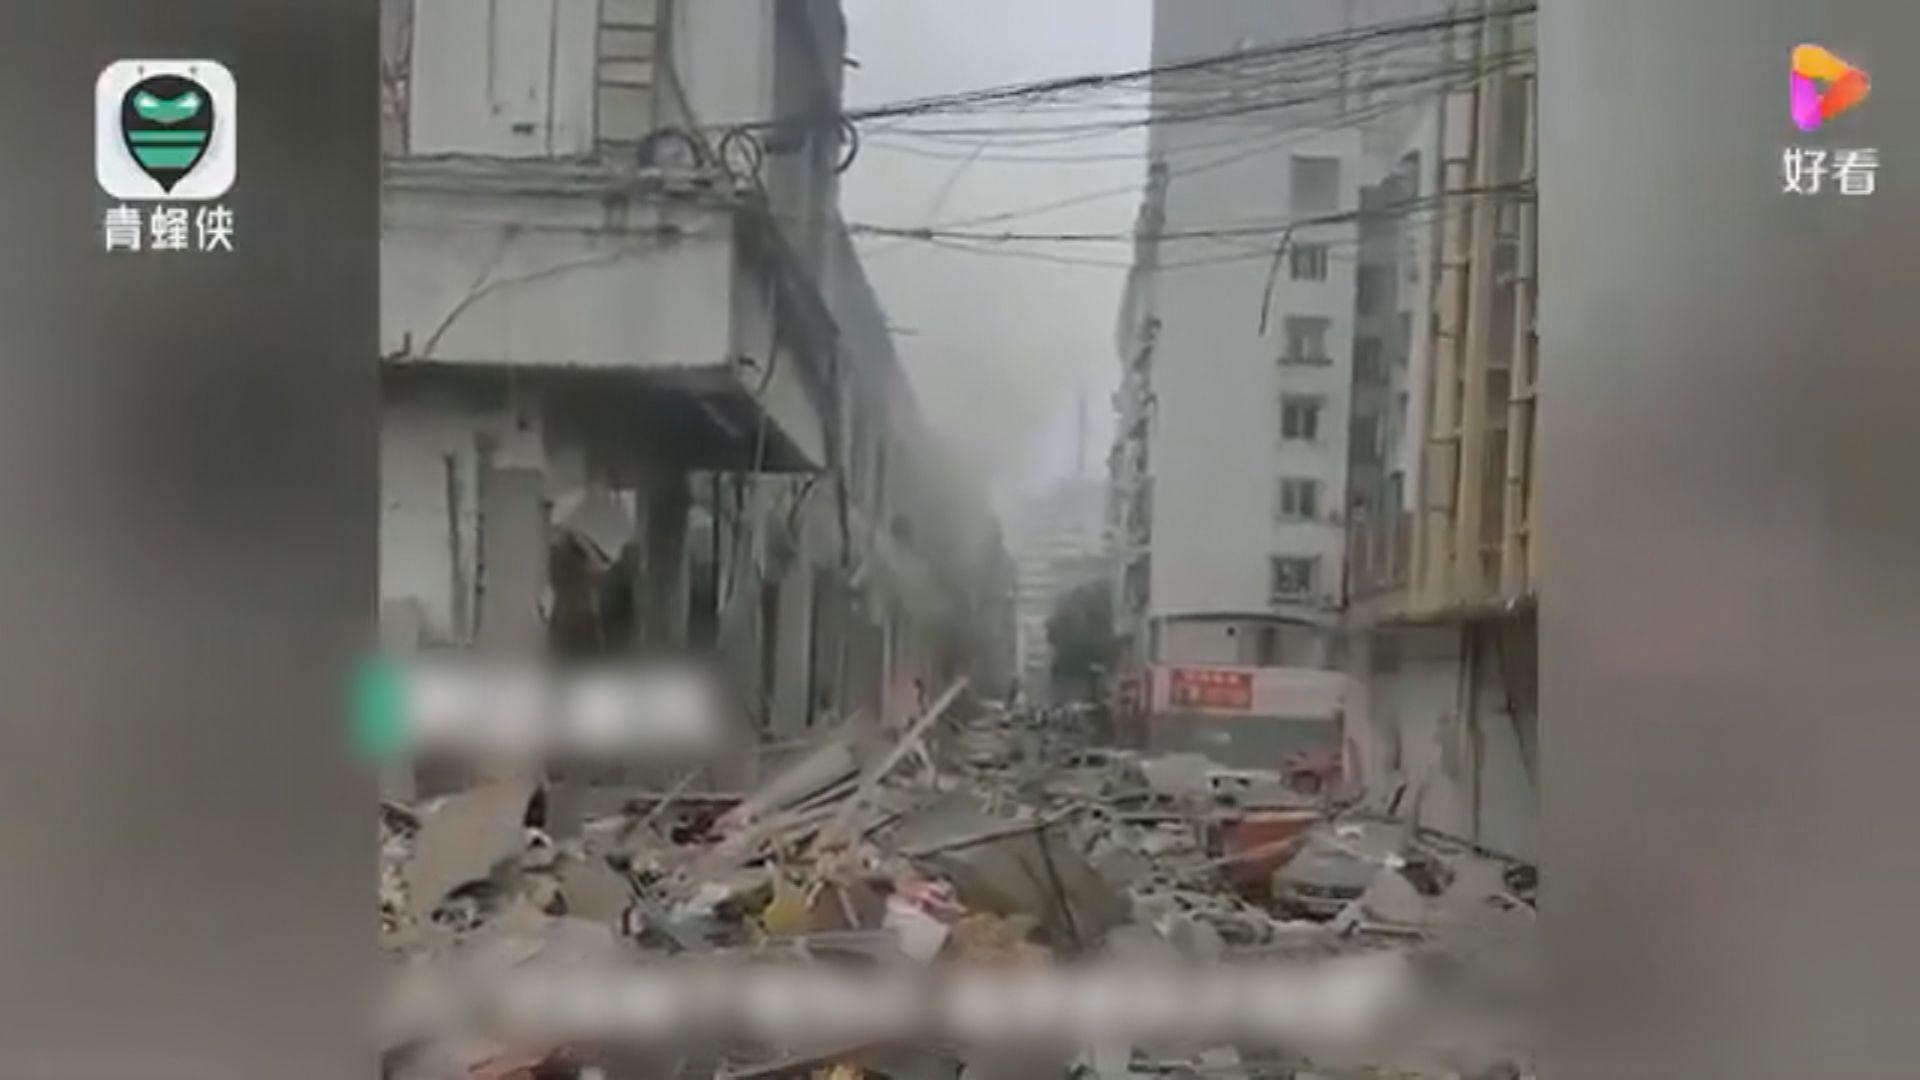 湖北十堰市燃氣爆炸12死逾百傷 當地成立救援指揮部